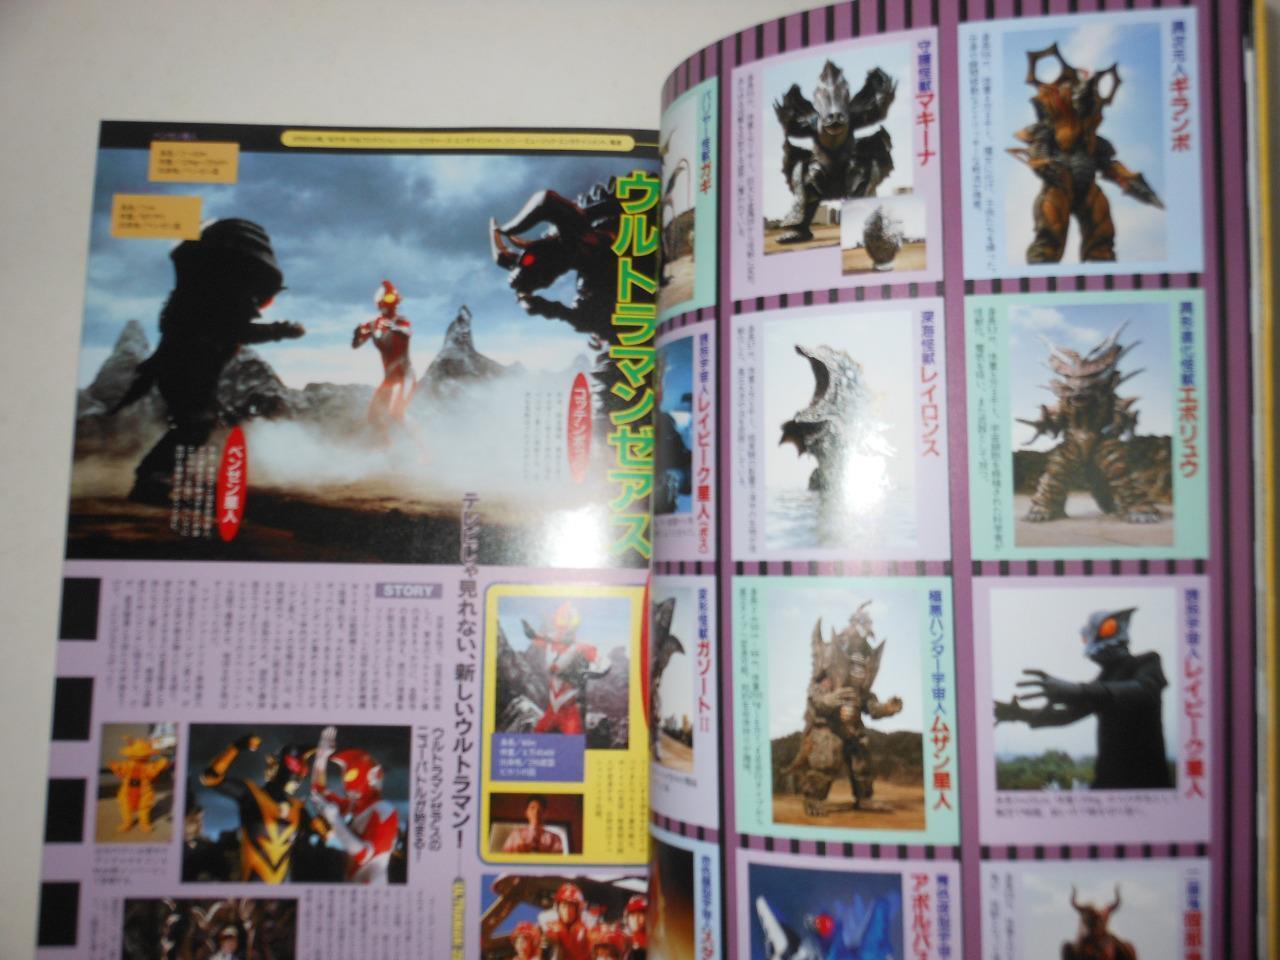 Uchusen Year Book 97' Godzilla Kaiju Ultraman Ultraman Ultraman Sentai Tokusatsu SciFi SF Magazine 6aea50